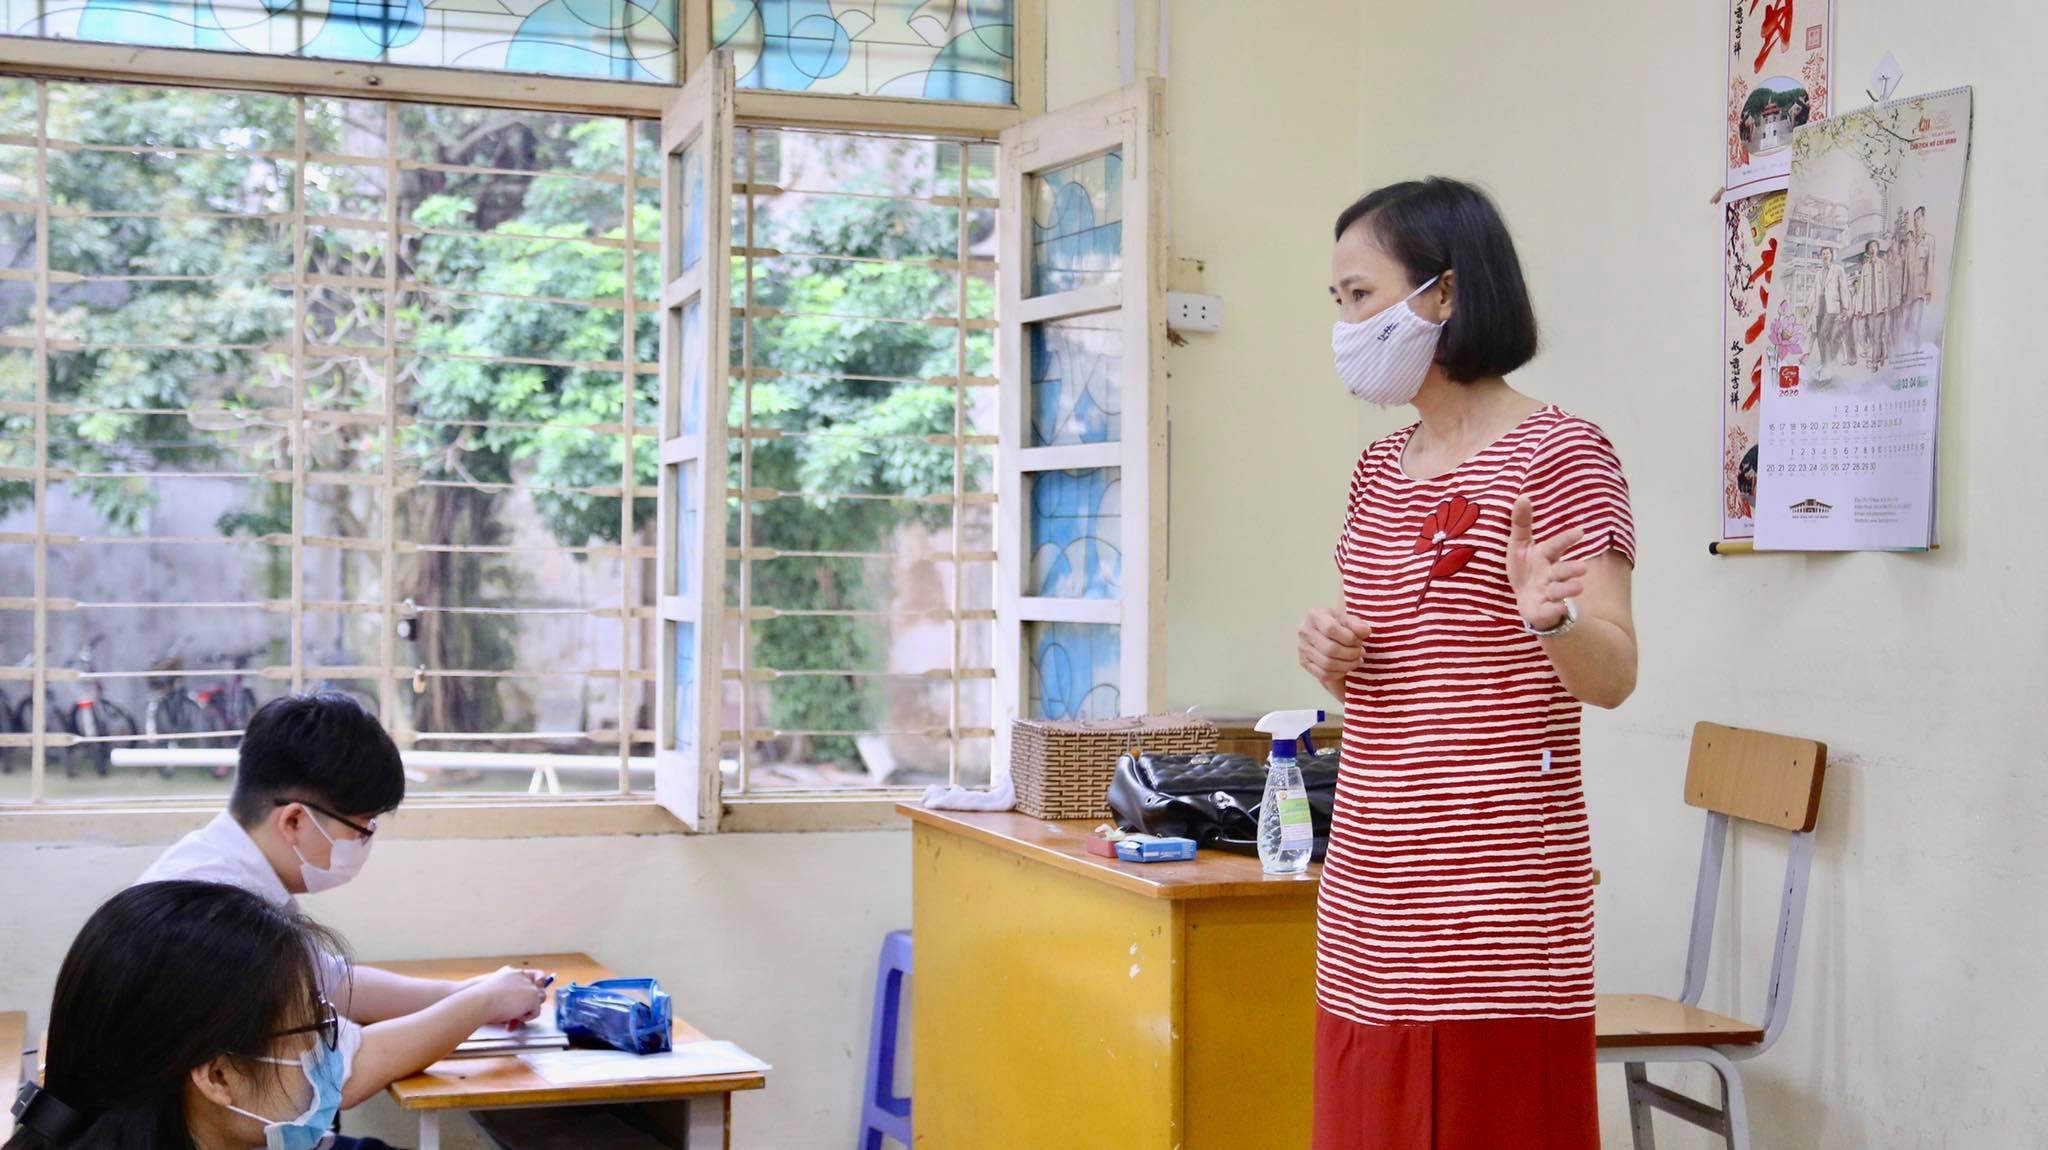 Lớp học không điều hoà, phụ huynh lo con 'nóng phát ốm'